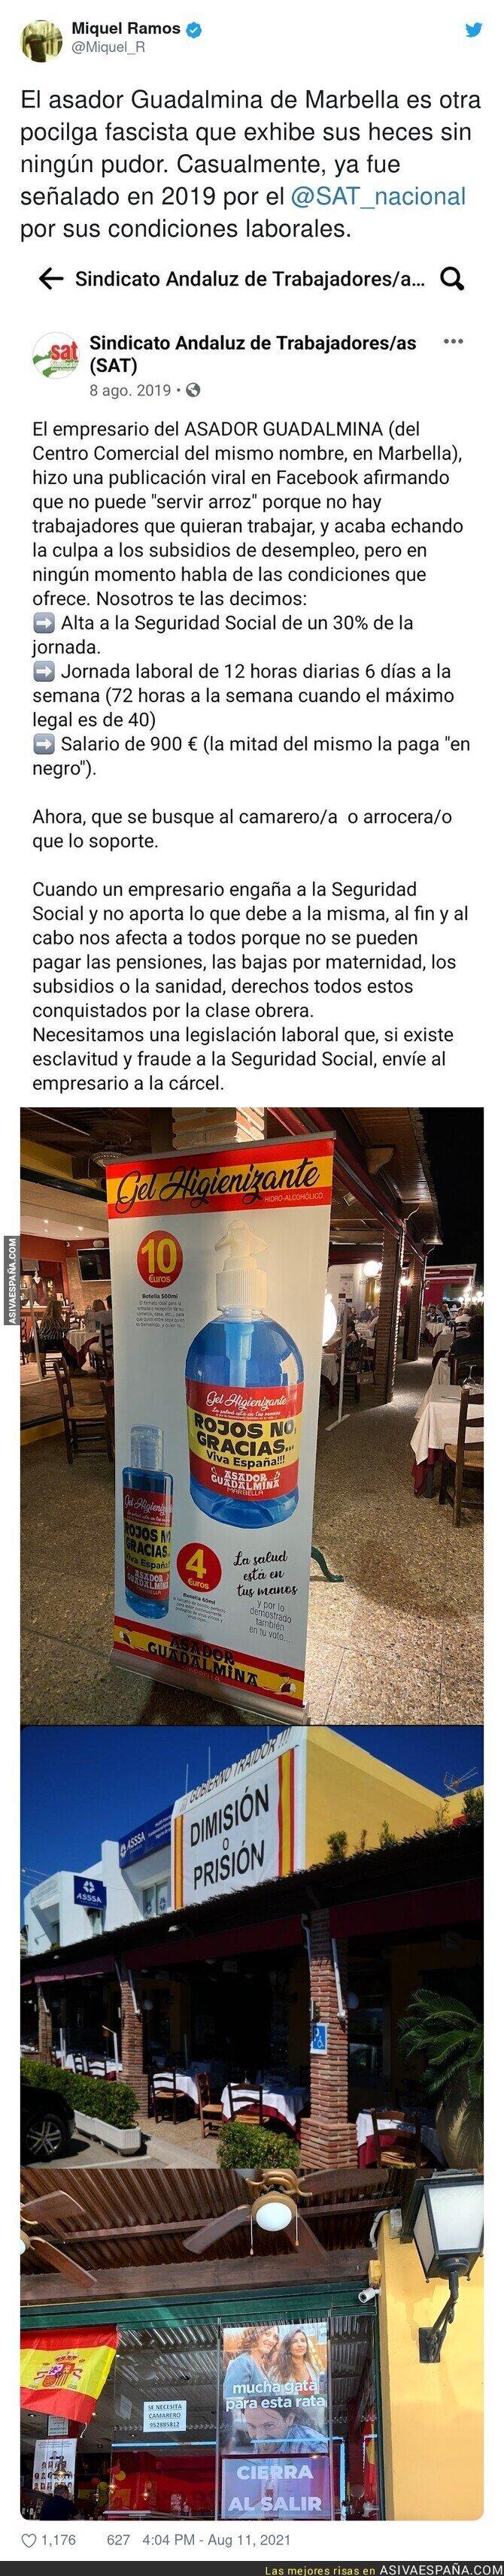 869748 - Los repugnantes carteles que puedes encontrar en este local de Marbella y las condiciones en las que trabajan sus trabajadores